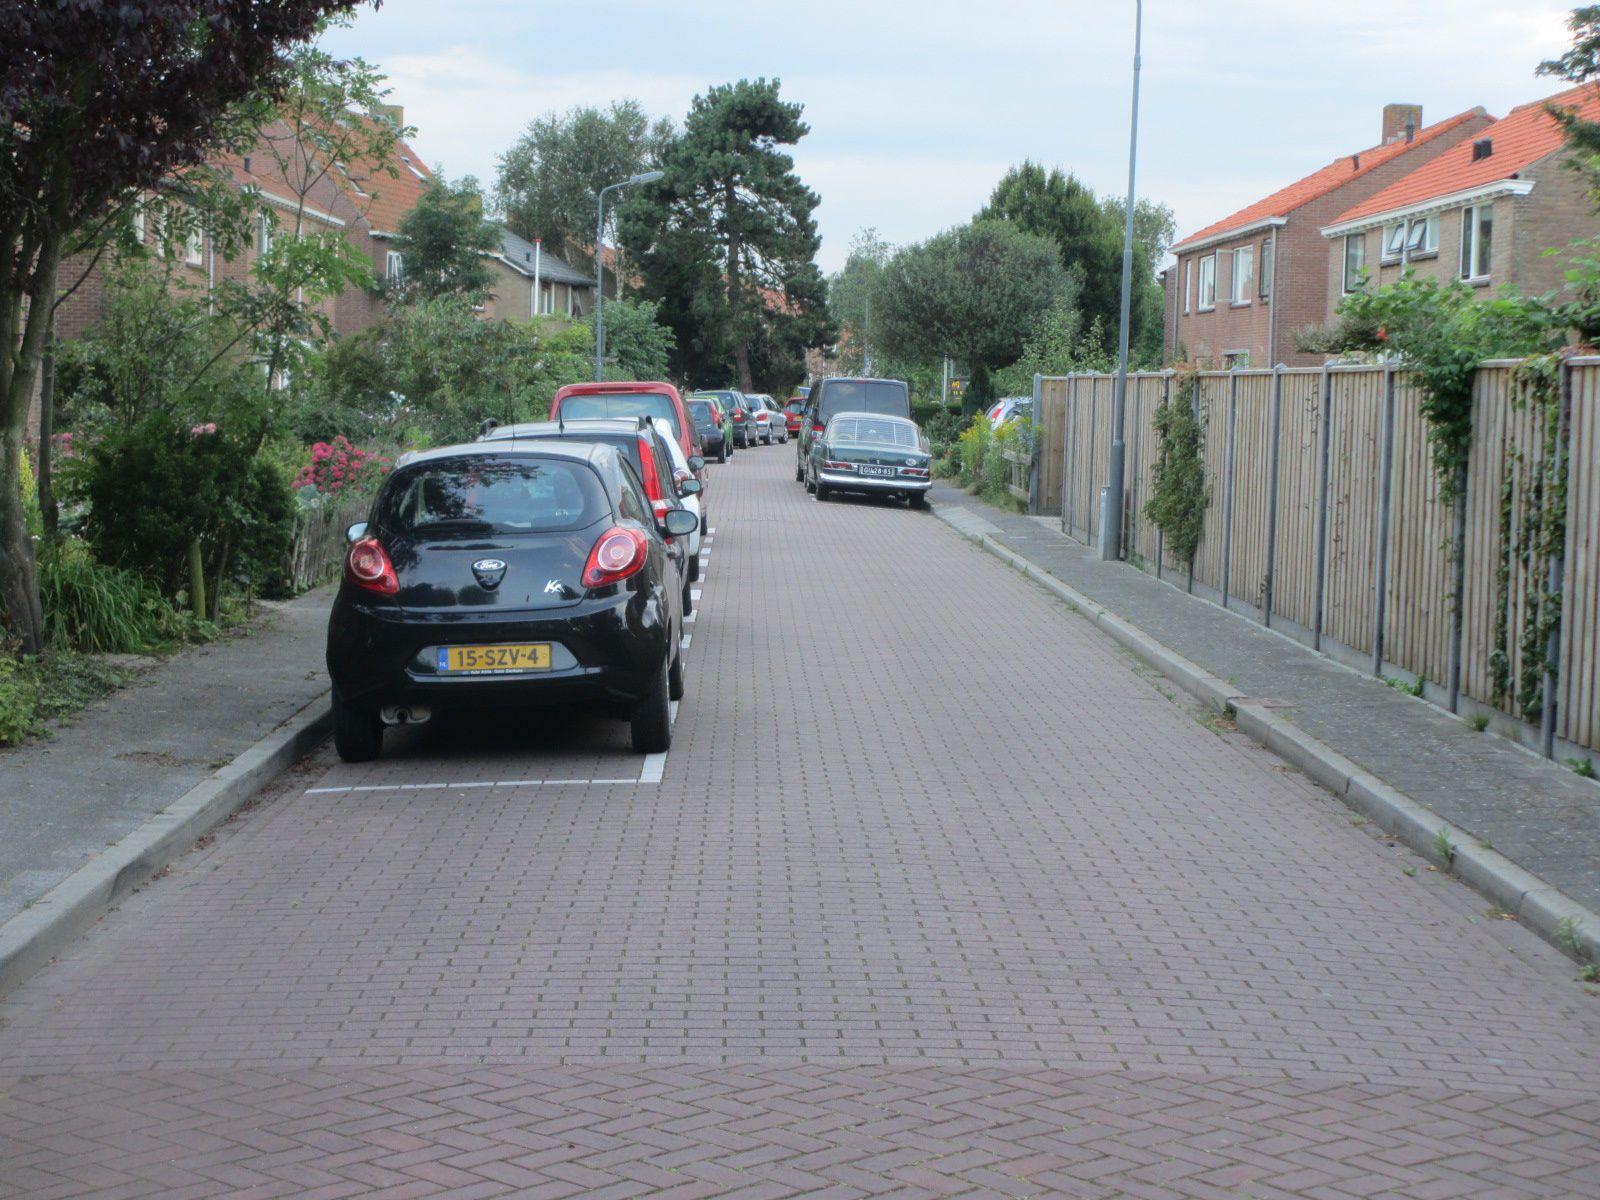 Vrouwenpolder aux Pays Bas : les véhicules sont stationnés sur la voierie en alternance pour créer une chicane et libérer les trottoirs. Les motorisés sont obligés de slalomer et par conséquent de modérer les vitesses.